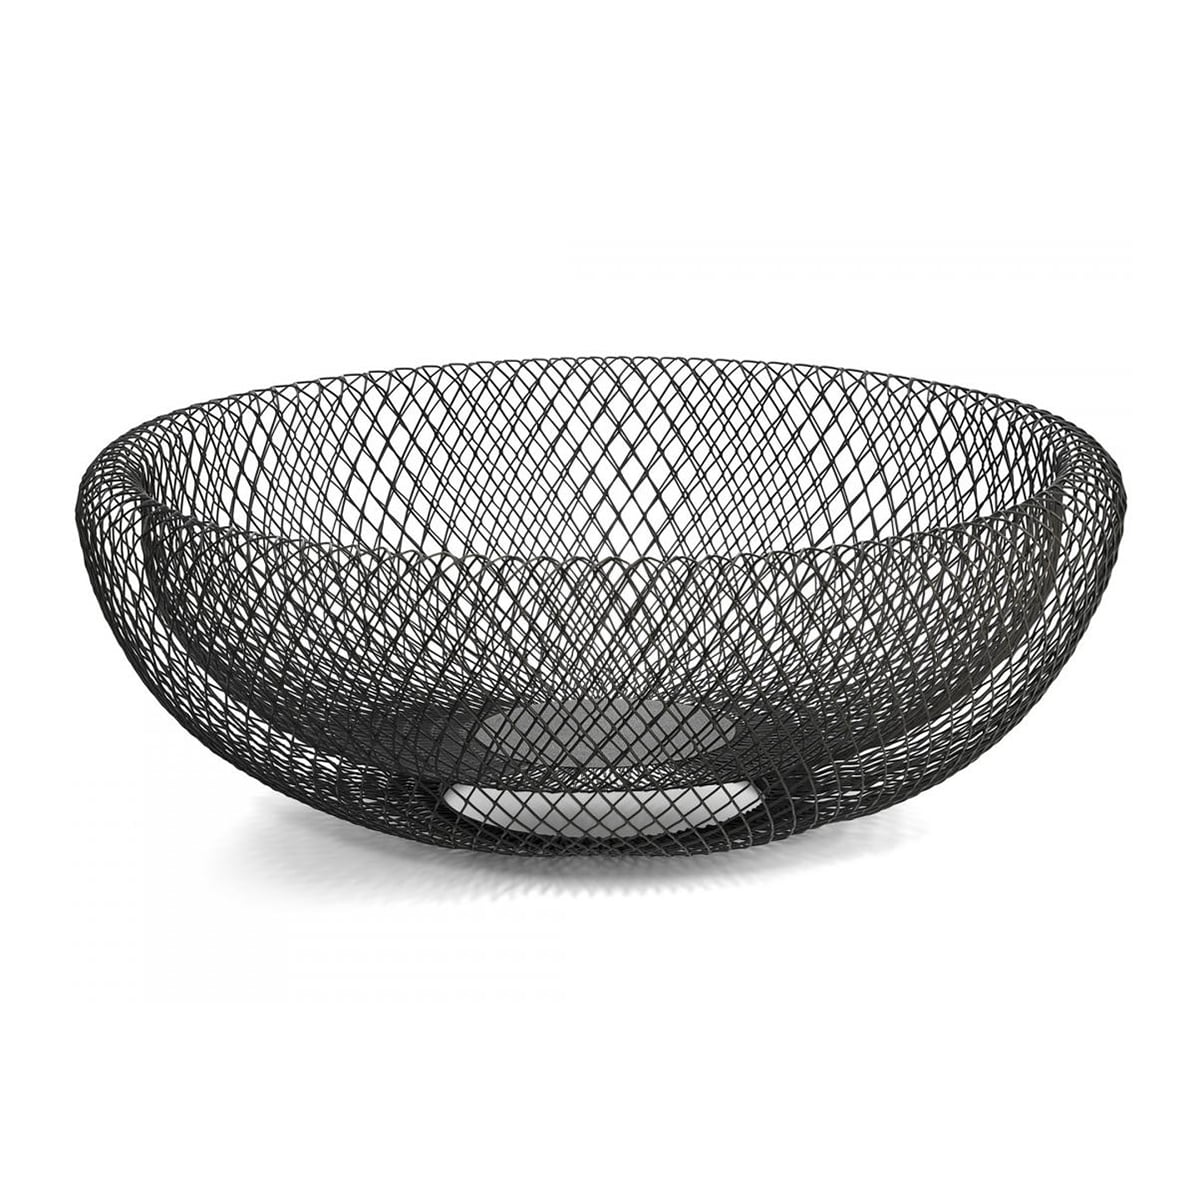 Philippi Design Philippi - Mesh XL Schale, Ø 40 cm | Dekoration > Aufbewahrung und Ordnung > Schalen | Stahl natur | Stahl -  pulverbeschichtet | Philippi Design